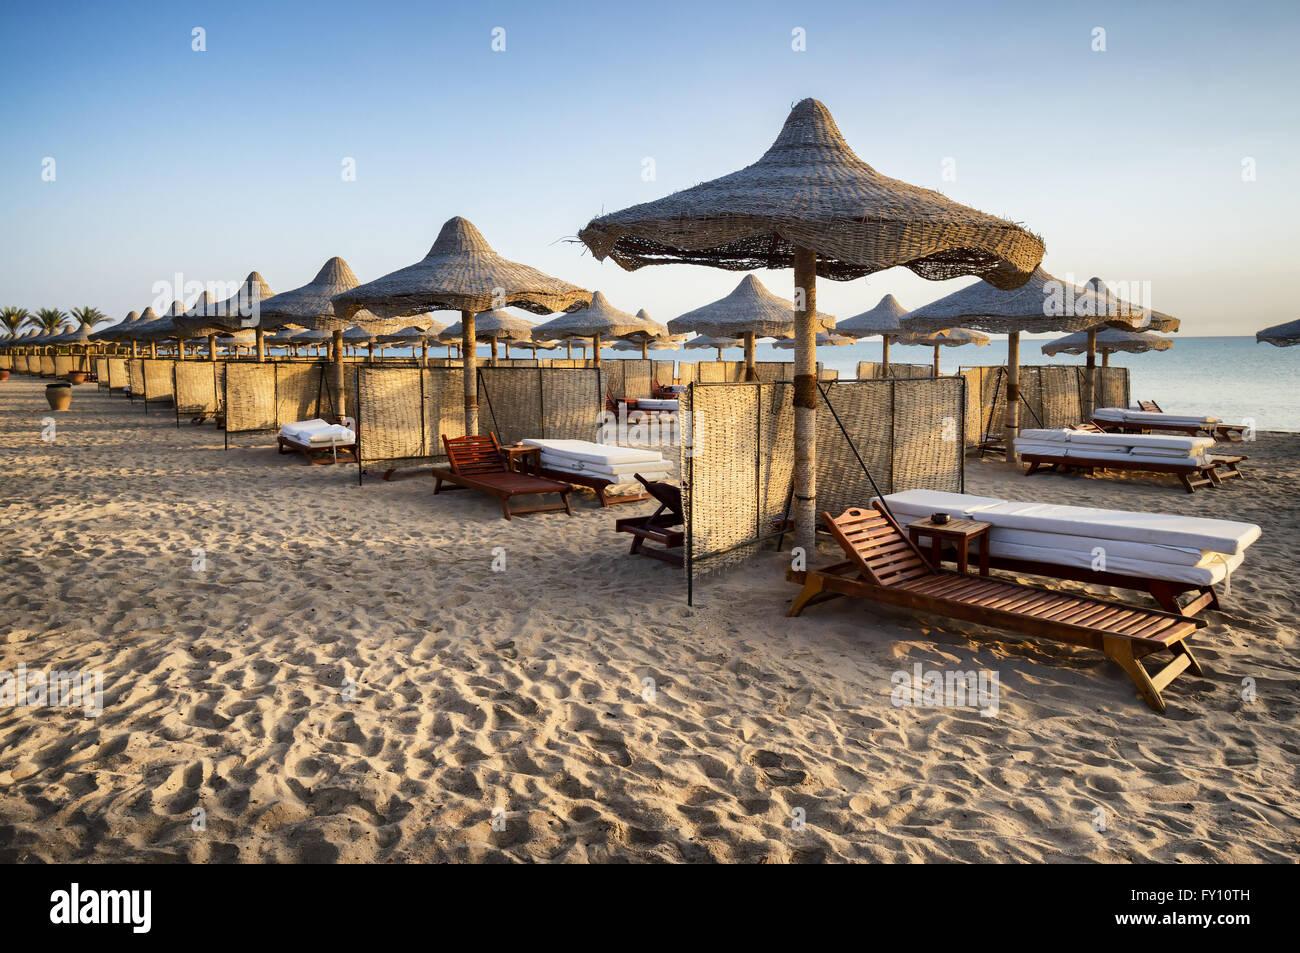 Hamacas y sombrillas en Marsa Alam, Egipto Foto de stock